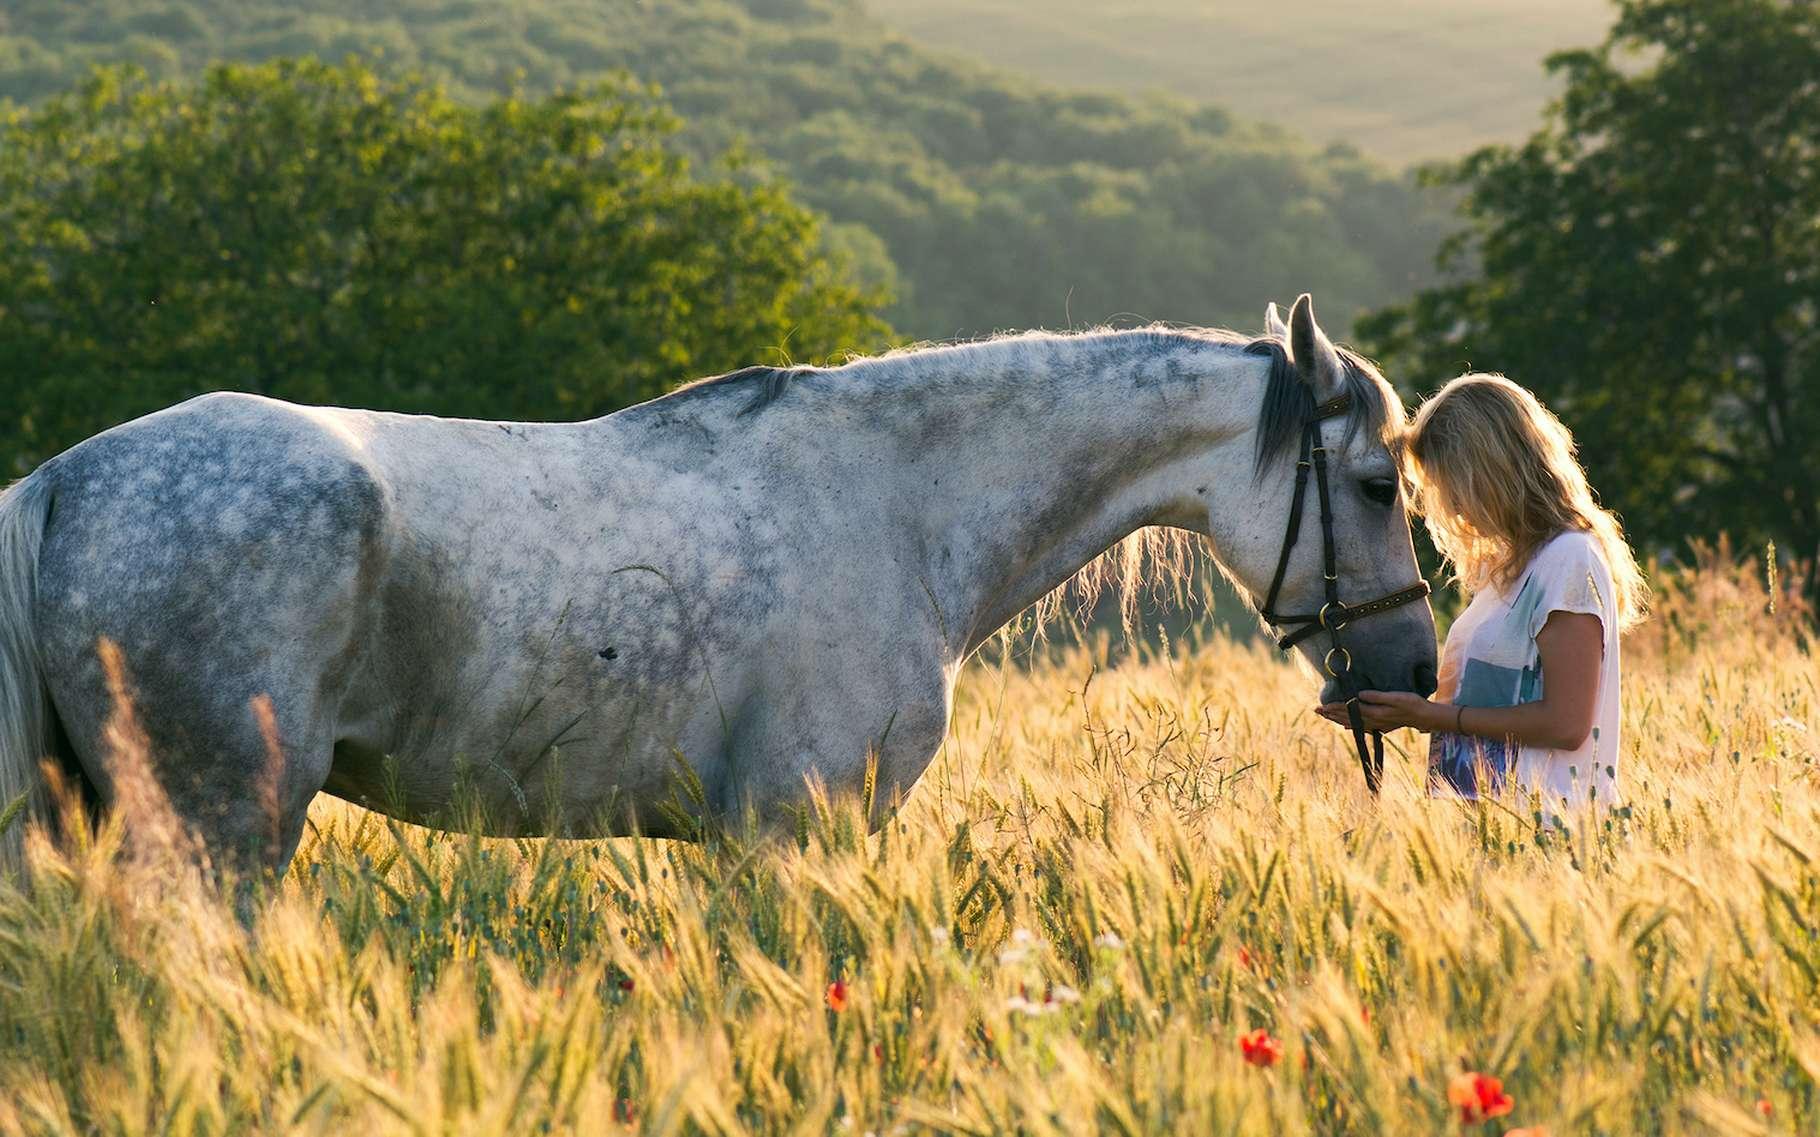 L'histoire de Hans le malin nous apprend à nous méfier des apparences. Mais elle raconte tout de même l'expérience incroyable vécue par un cheval doué de compétences cognitives sociales hors du commun. Un cheval pas si bête ! © Laszlo, Adobe Stock